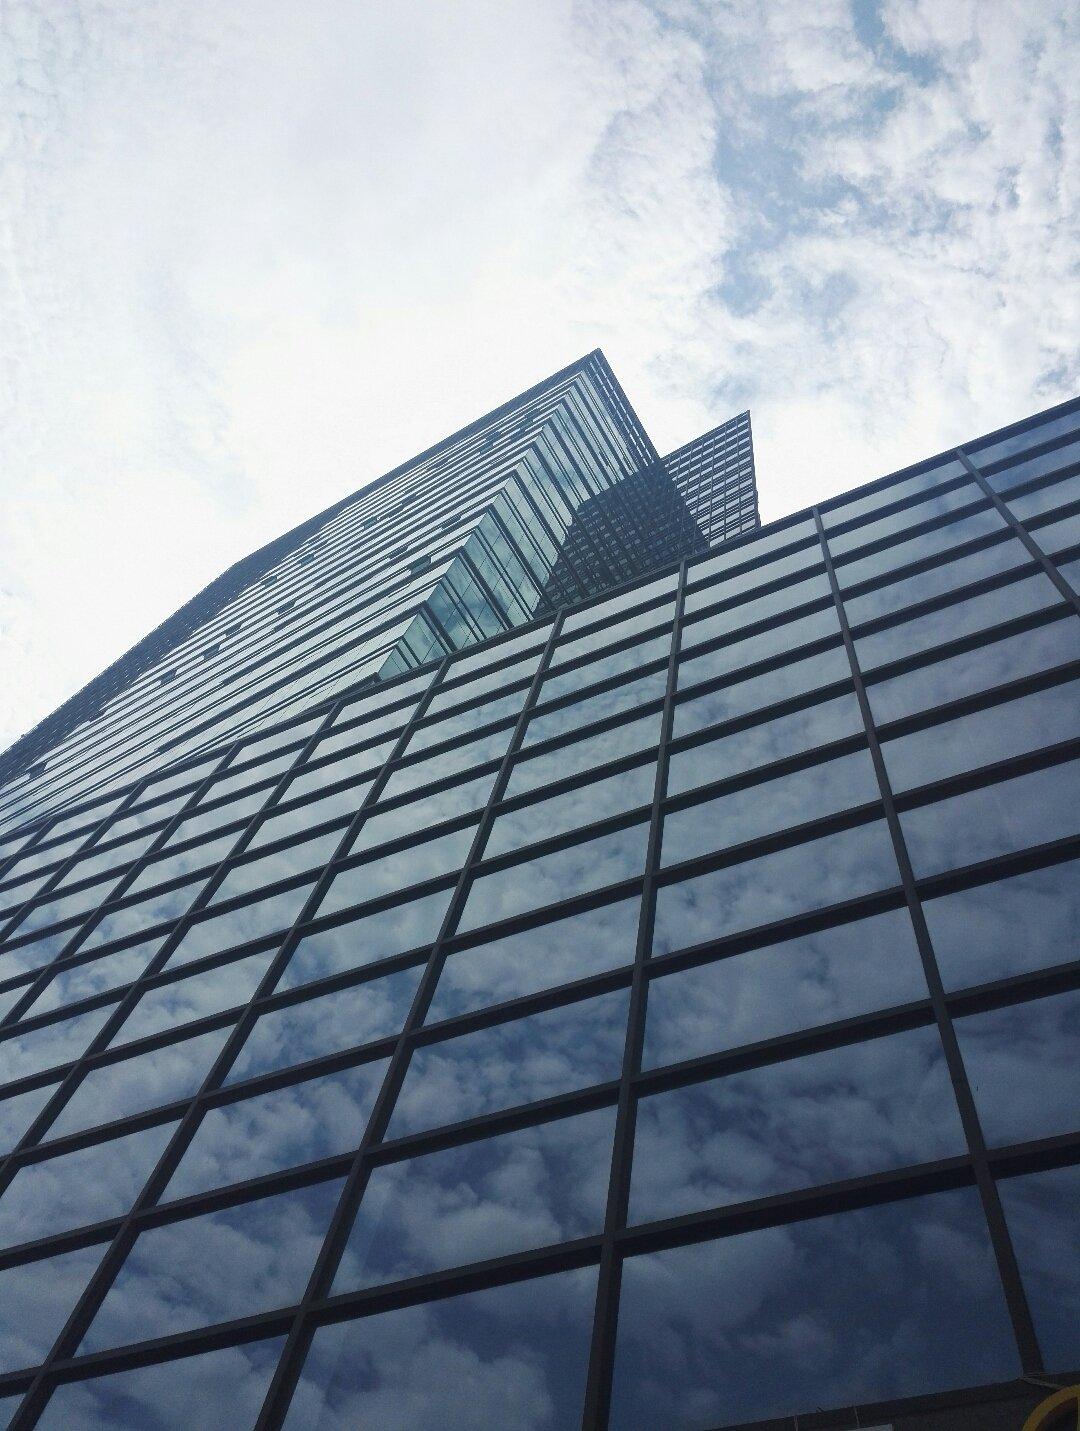 河南省郑州市金水区九如东路342号靠近晶语禅缘水晶博物馆天气预报